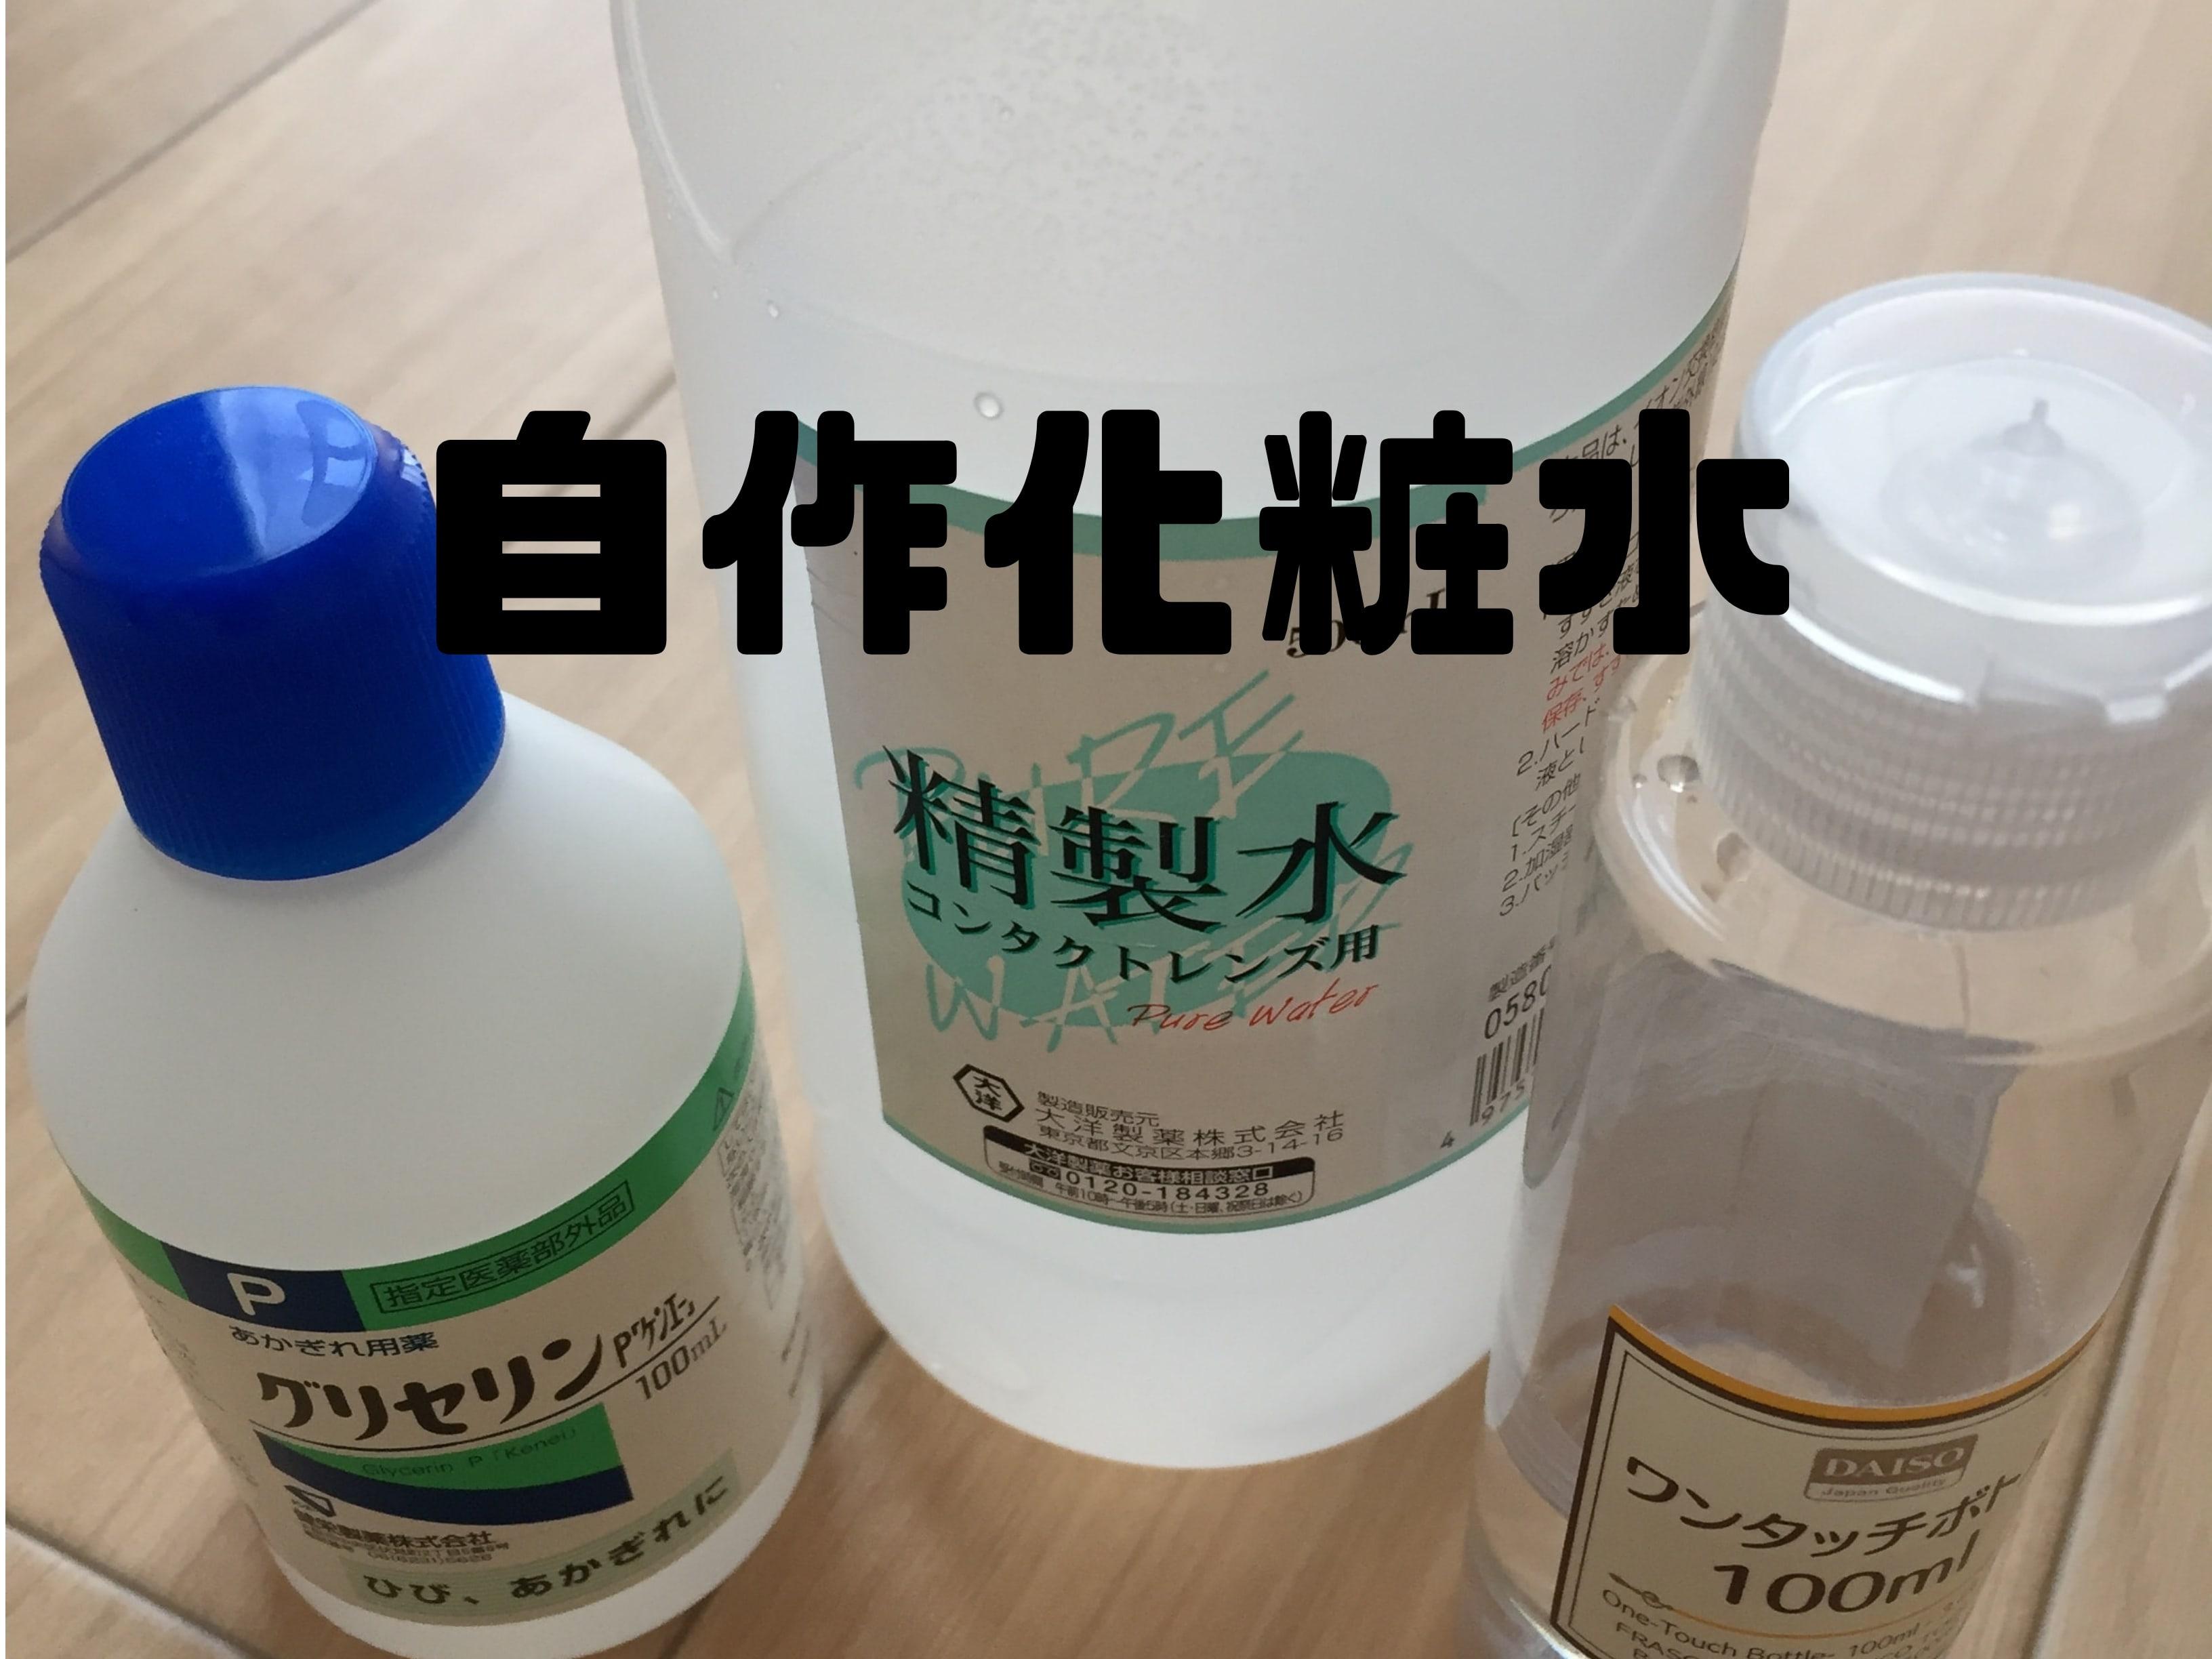 自作化粧水(グリセリン化粧水)